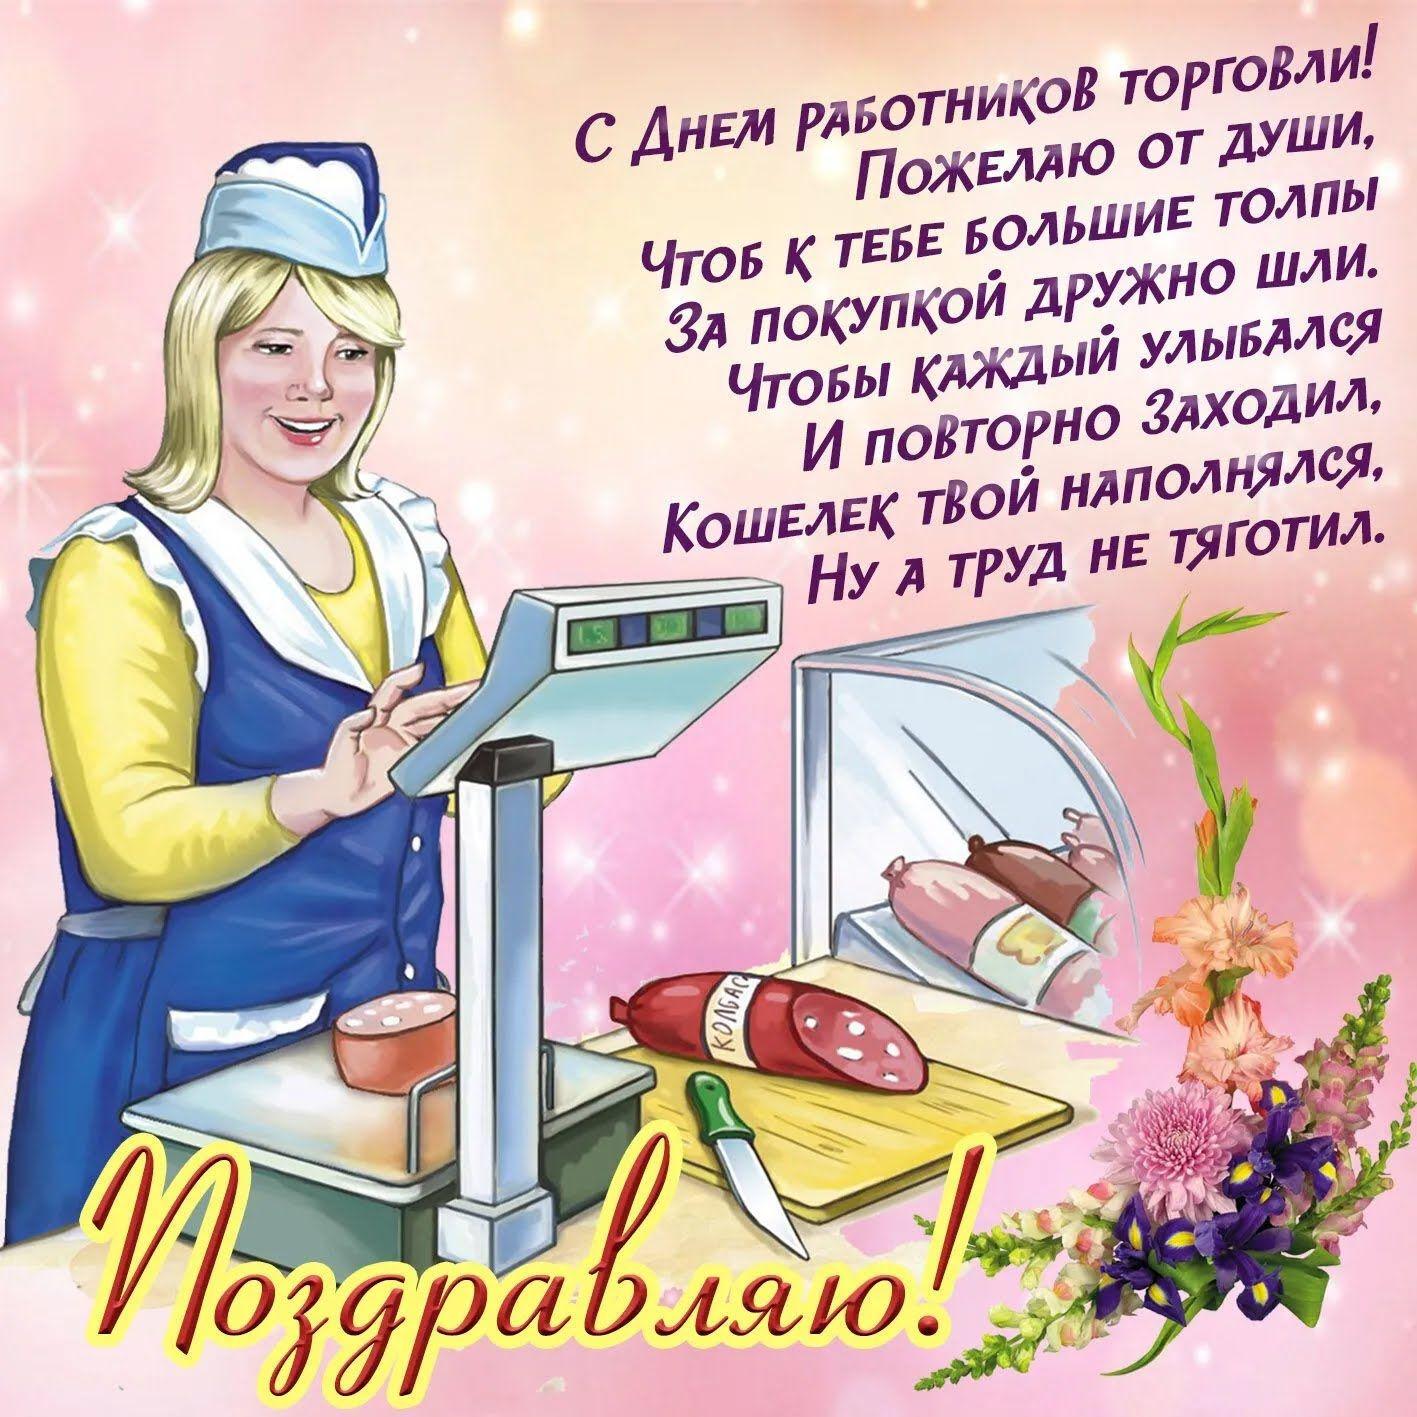 Побажання в День торгівлі України